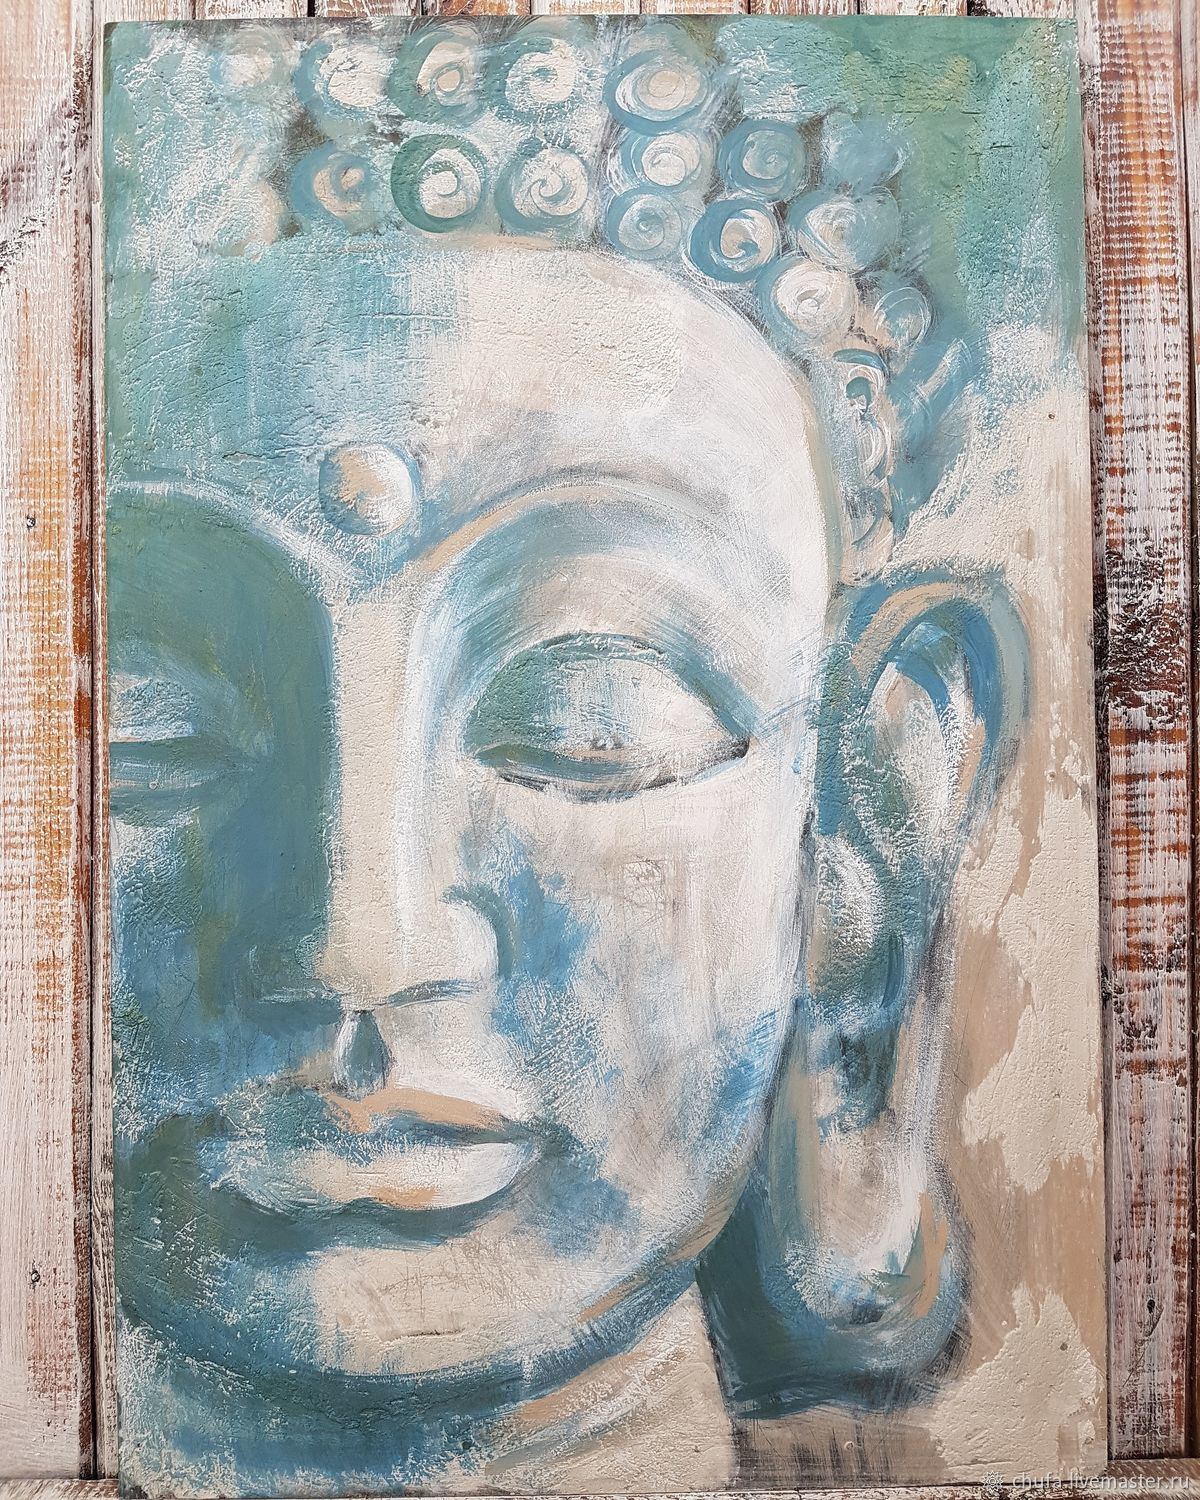 ручной работы. Ярмарка Мастеров - ручная работа. Купить Будда. Handmade. Живопись, абстракция, картина, восток, шамбала, штукатурка, лак